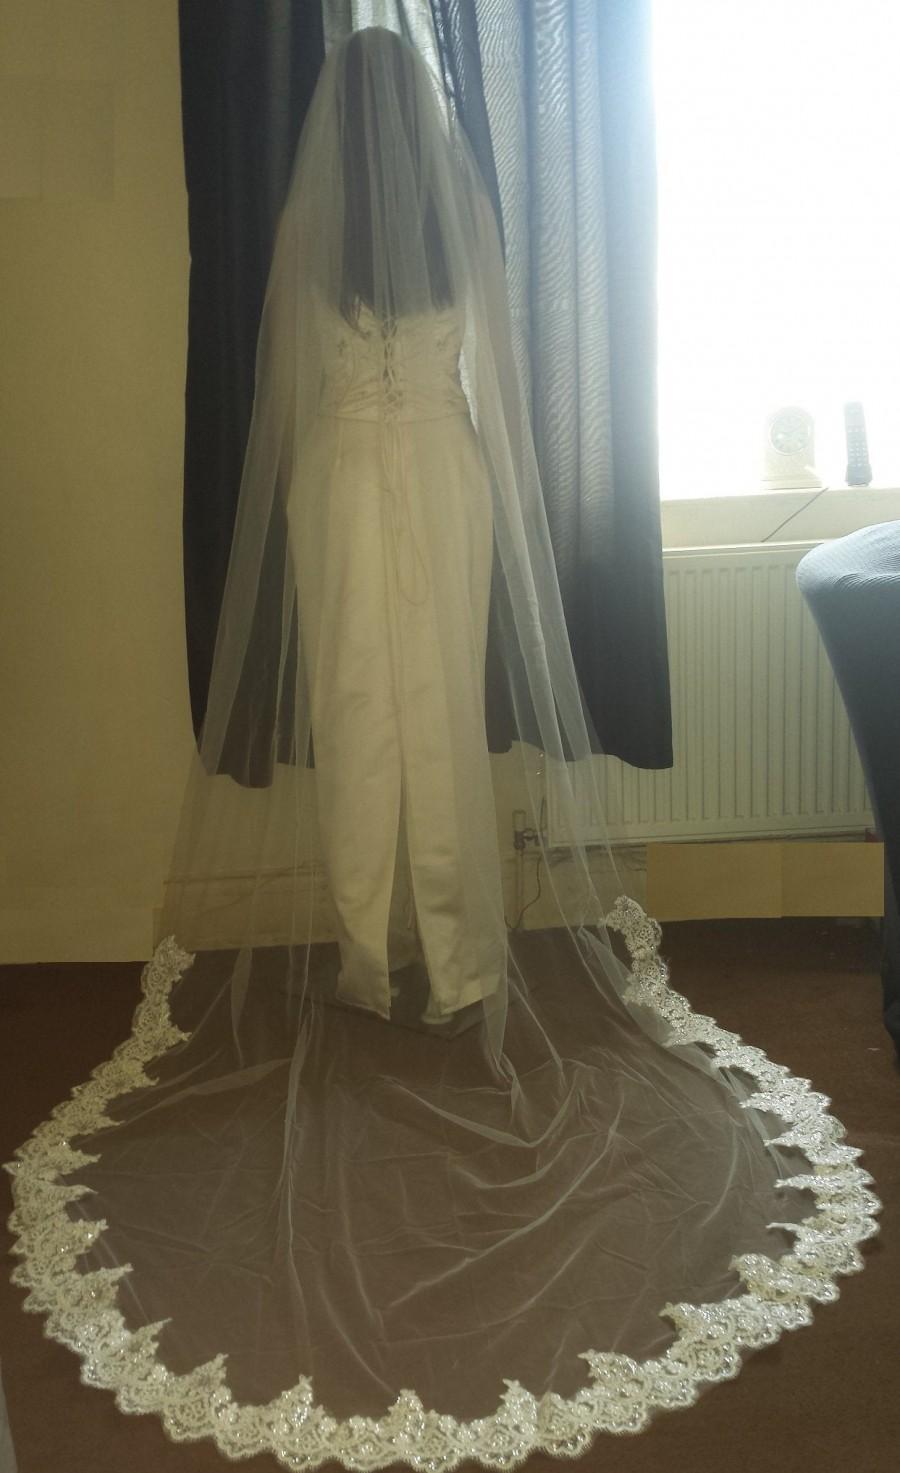 زفاف - Lace Wedding Veil Pale Ivory / Ivory. 3 Meter long wedding veil with lace trim. 1 Tier veil Soft tulle Free UK postage.